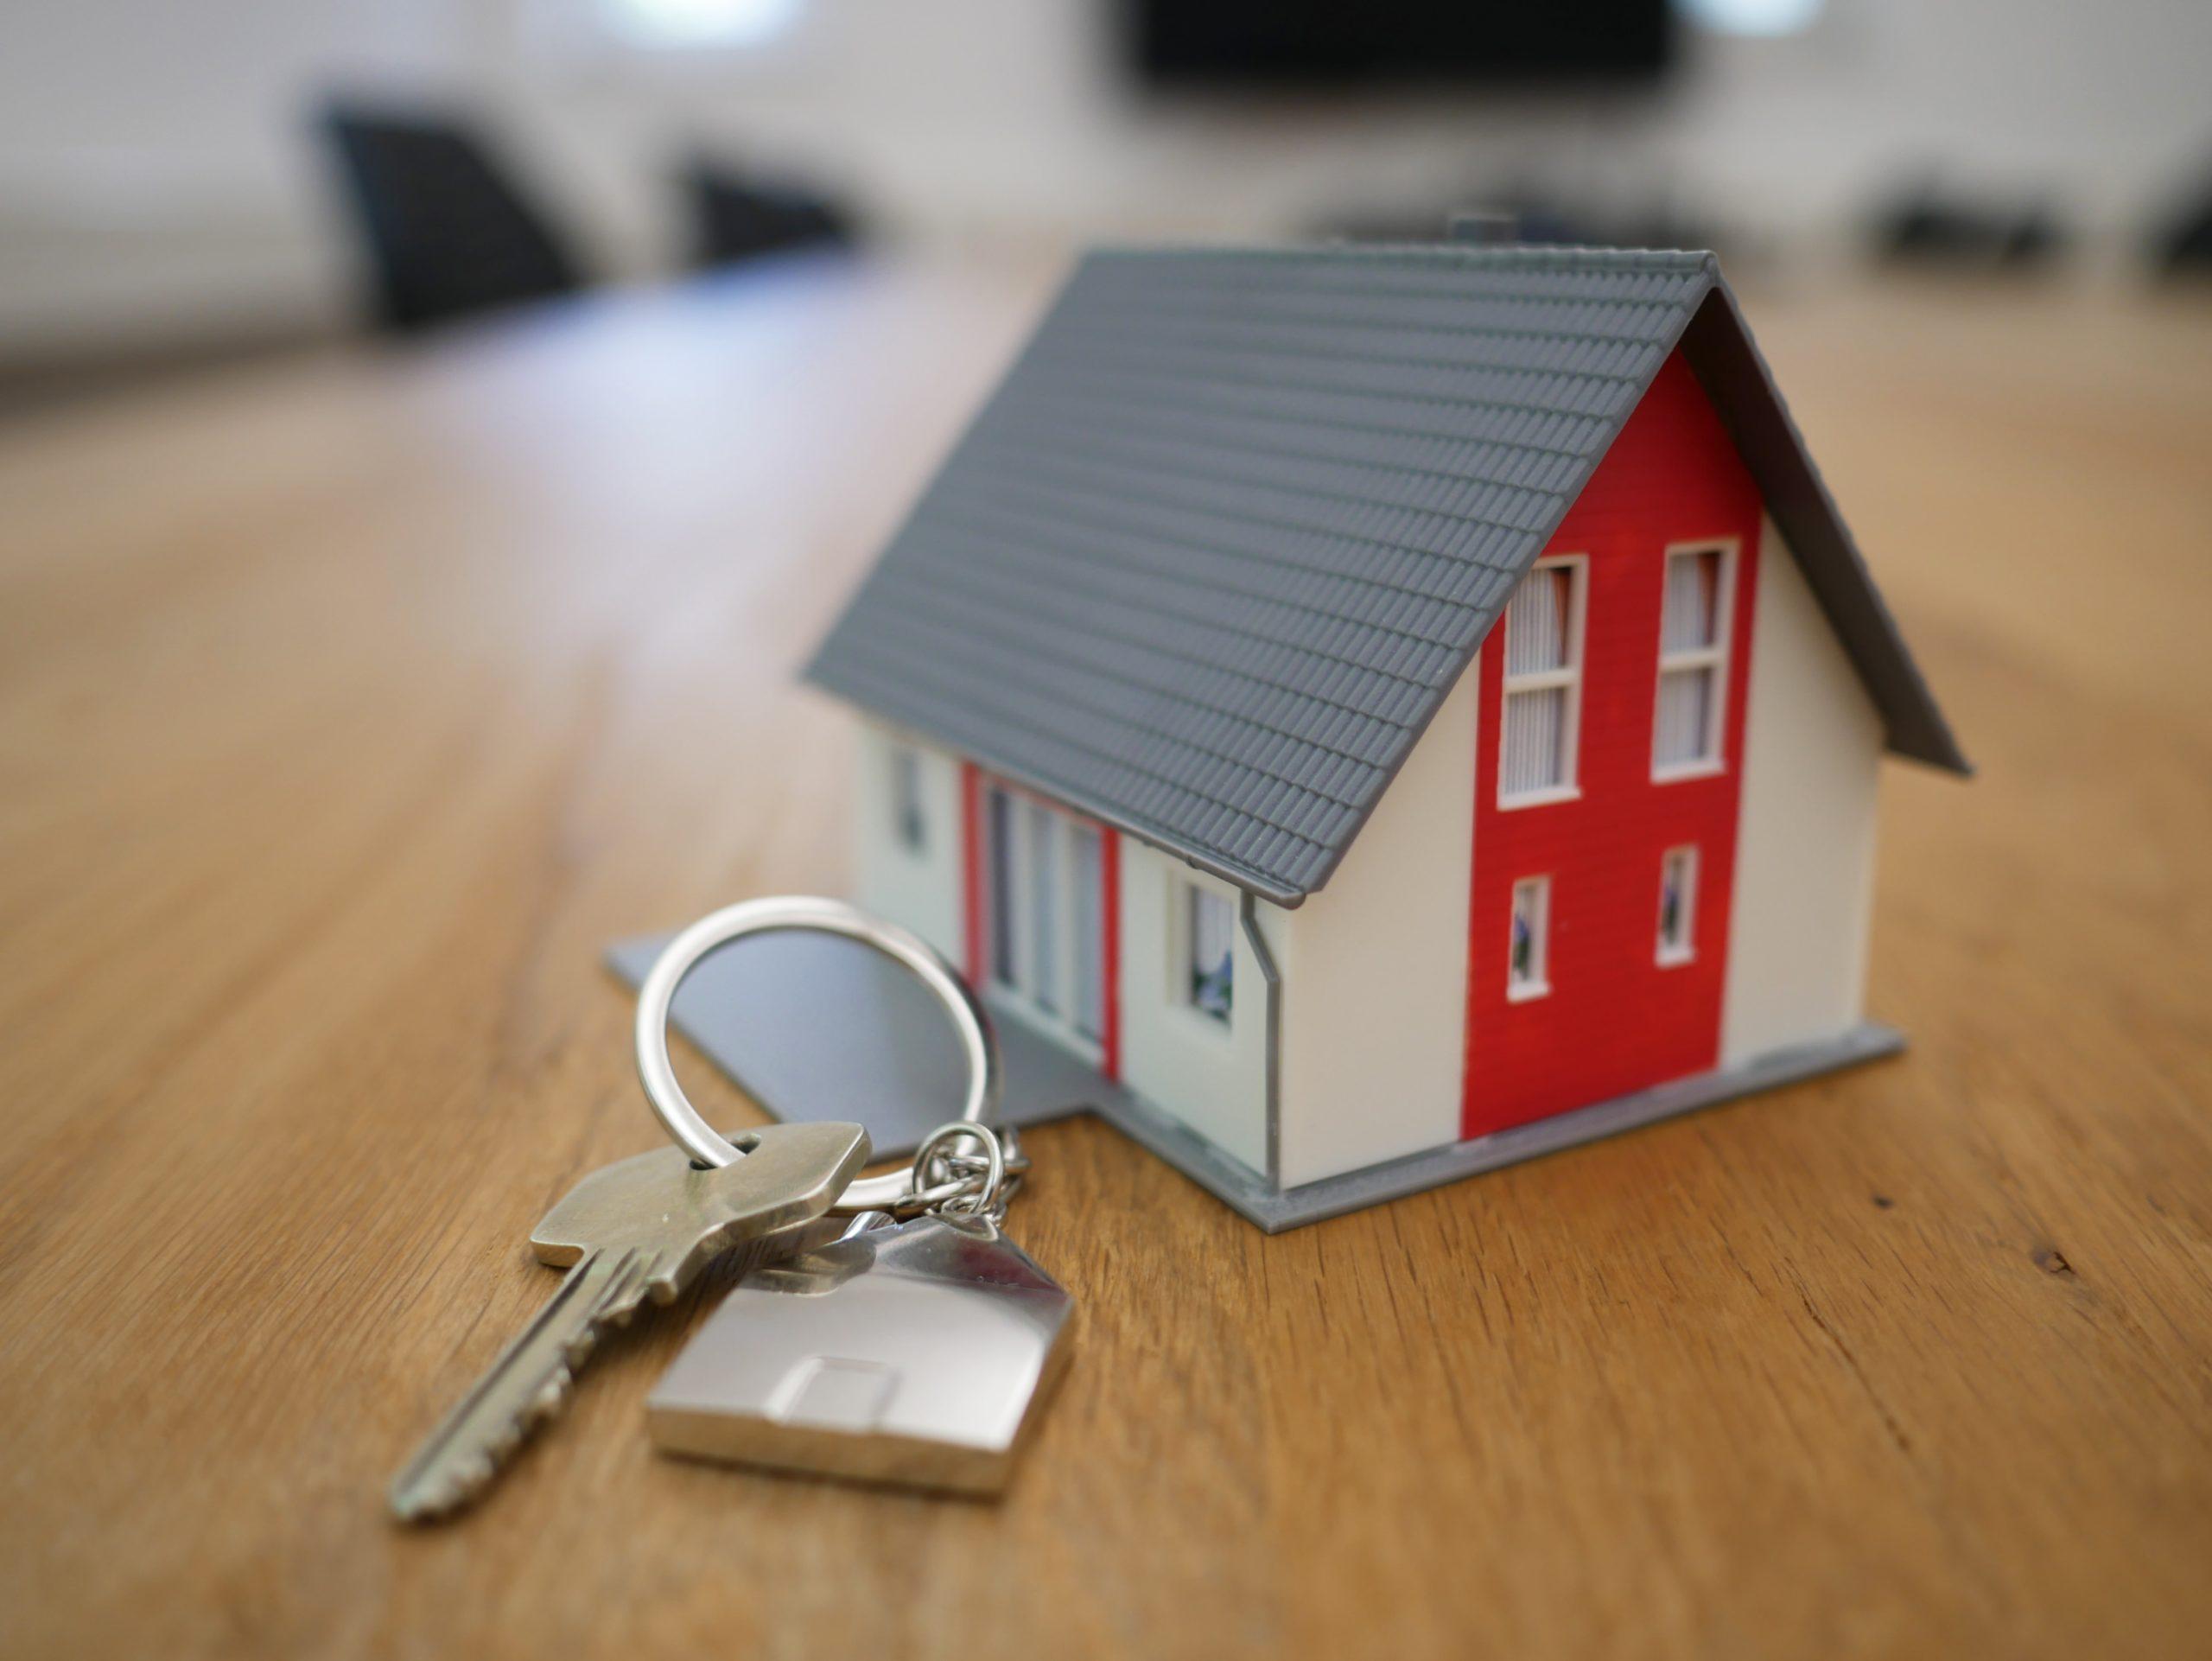 Заключать договоры аренды и купли-продажи недвижимости с Москвой станет проще